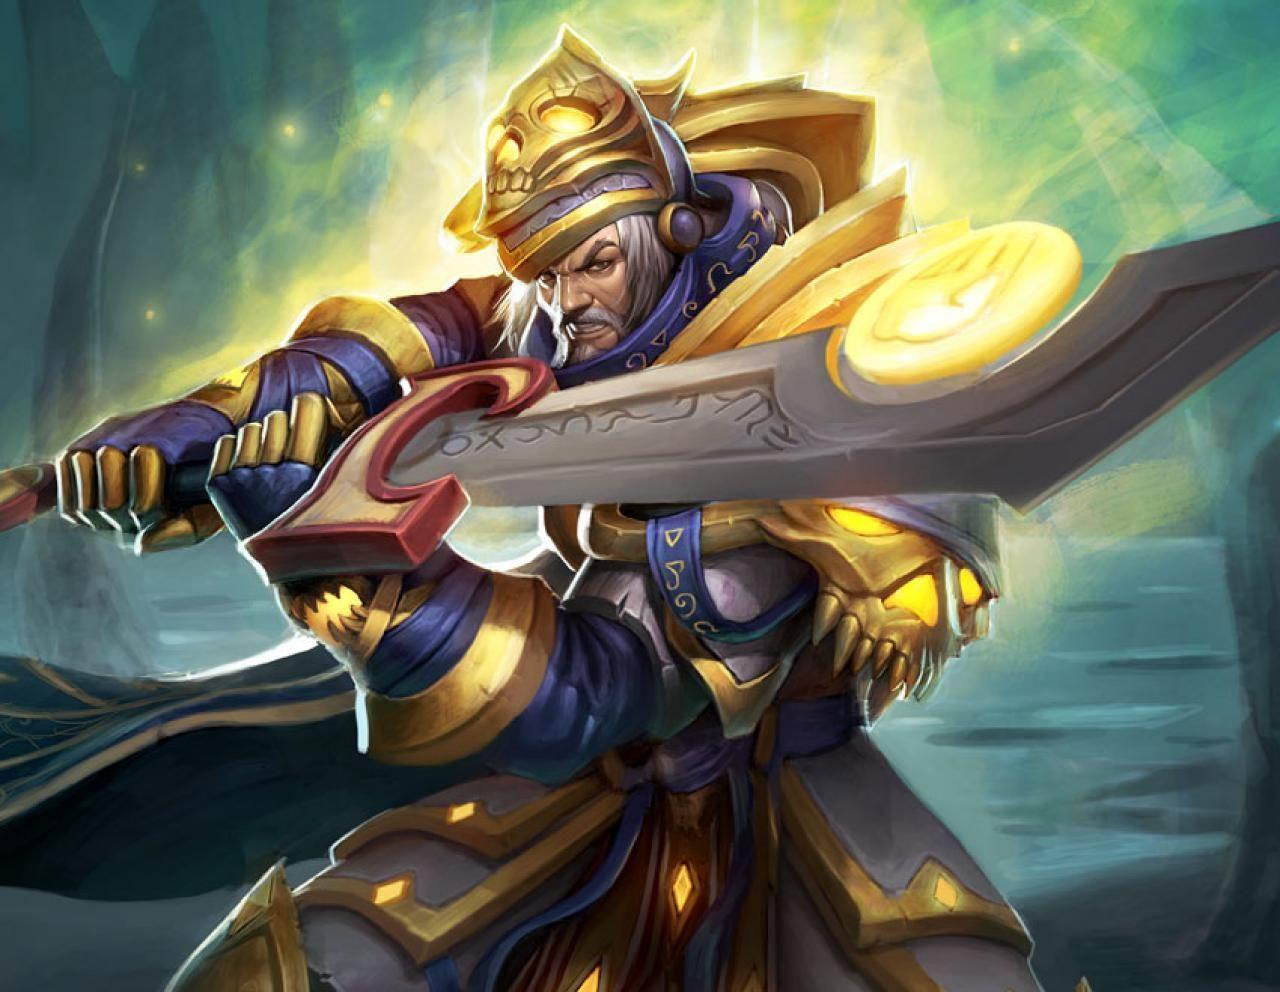 Tirion Vadin, el mejor paladín de Azeroth, encabeza el ataque. ¿Cómo se llama la poderosa espada que porta?